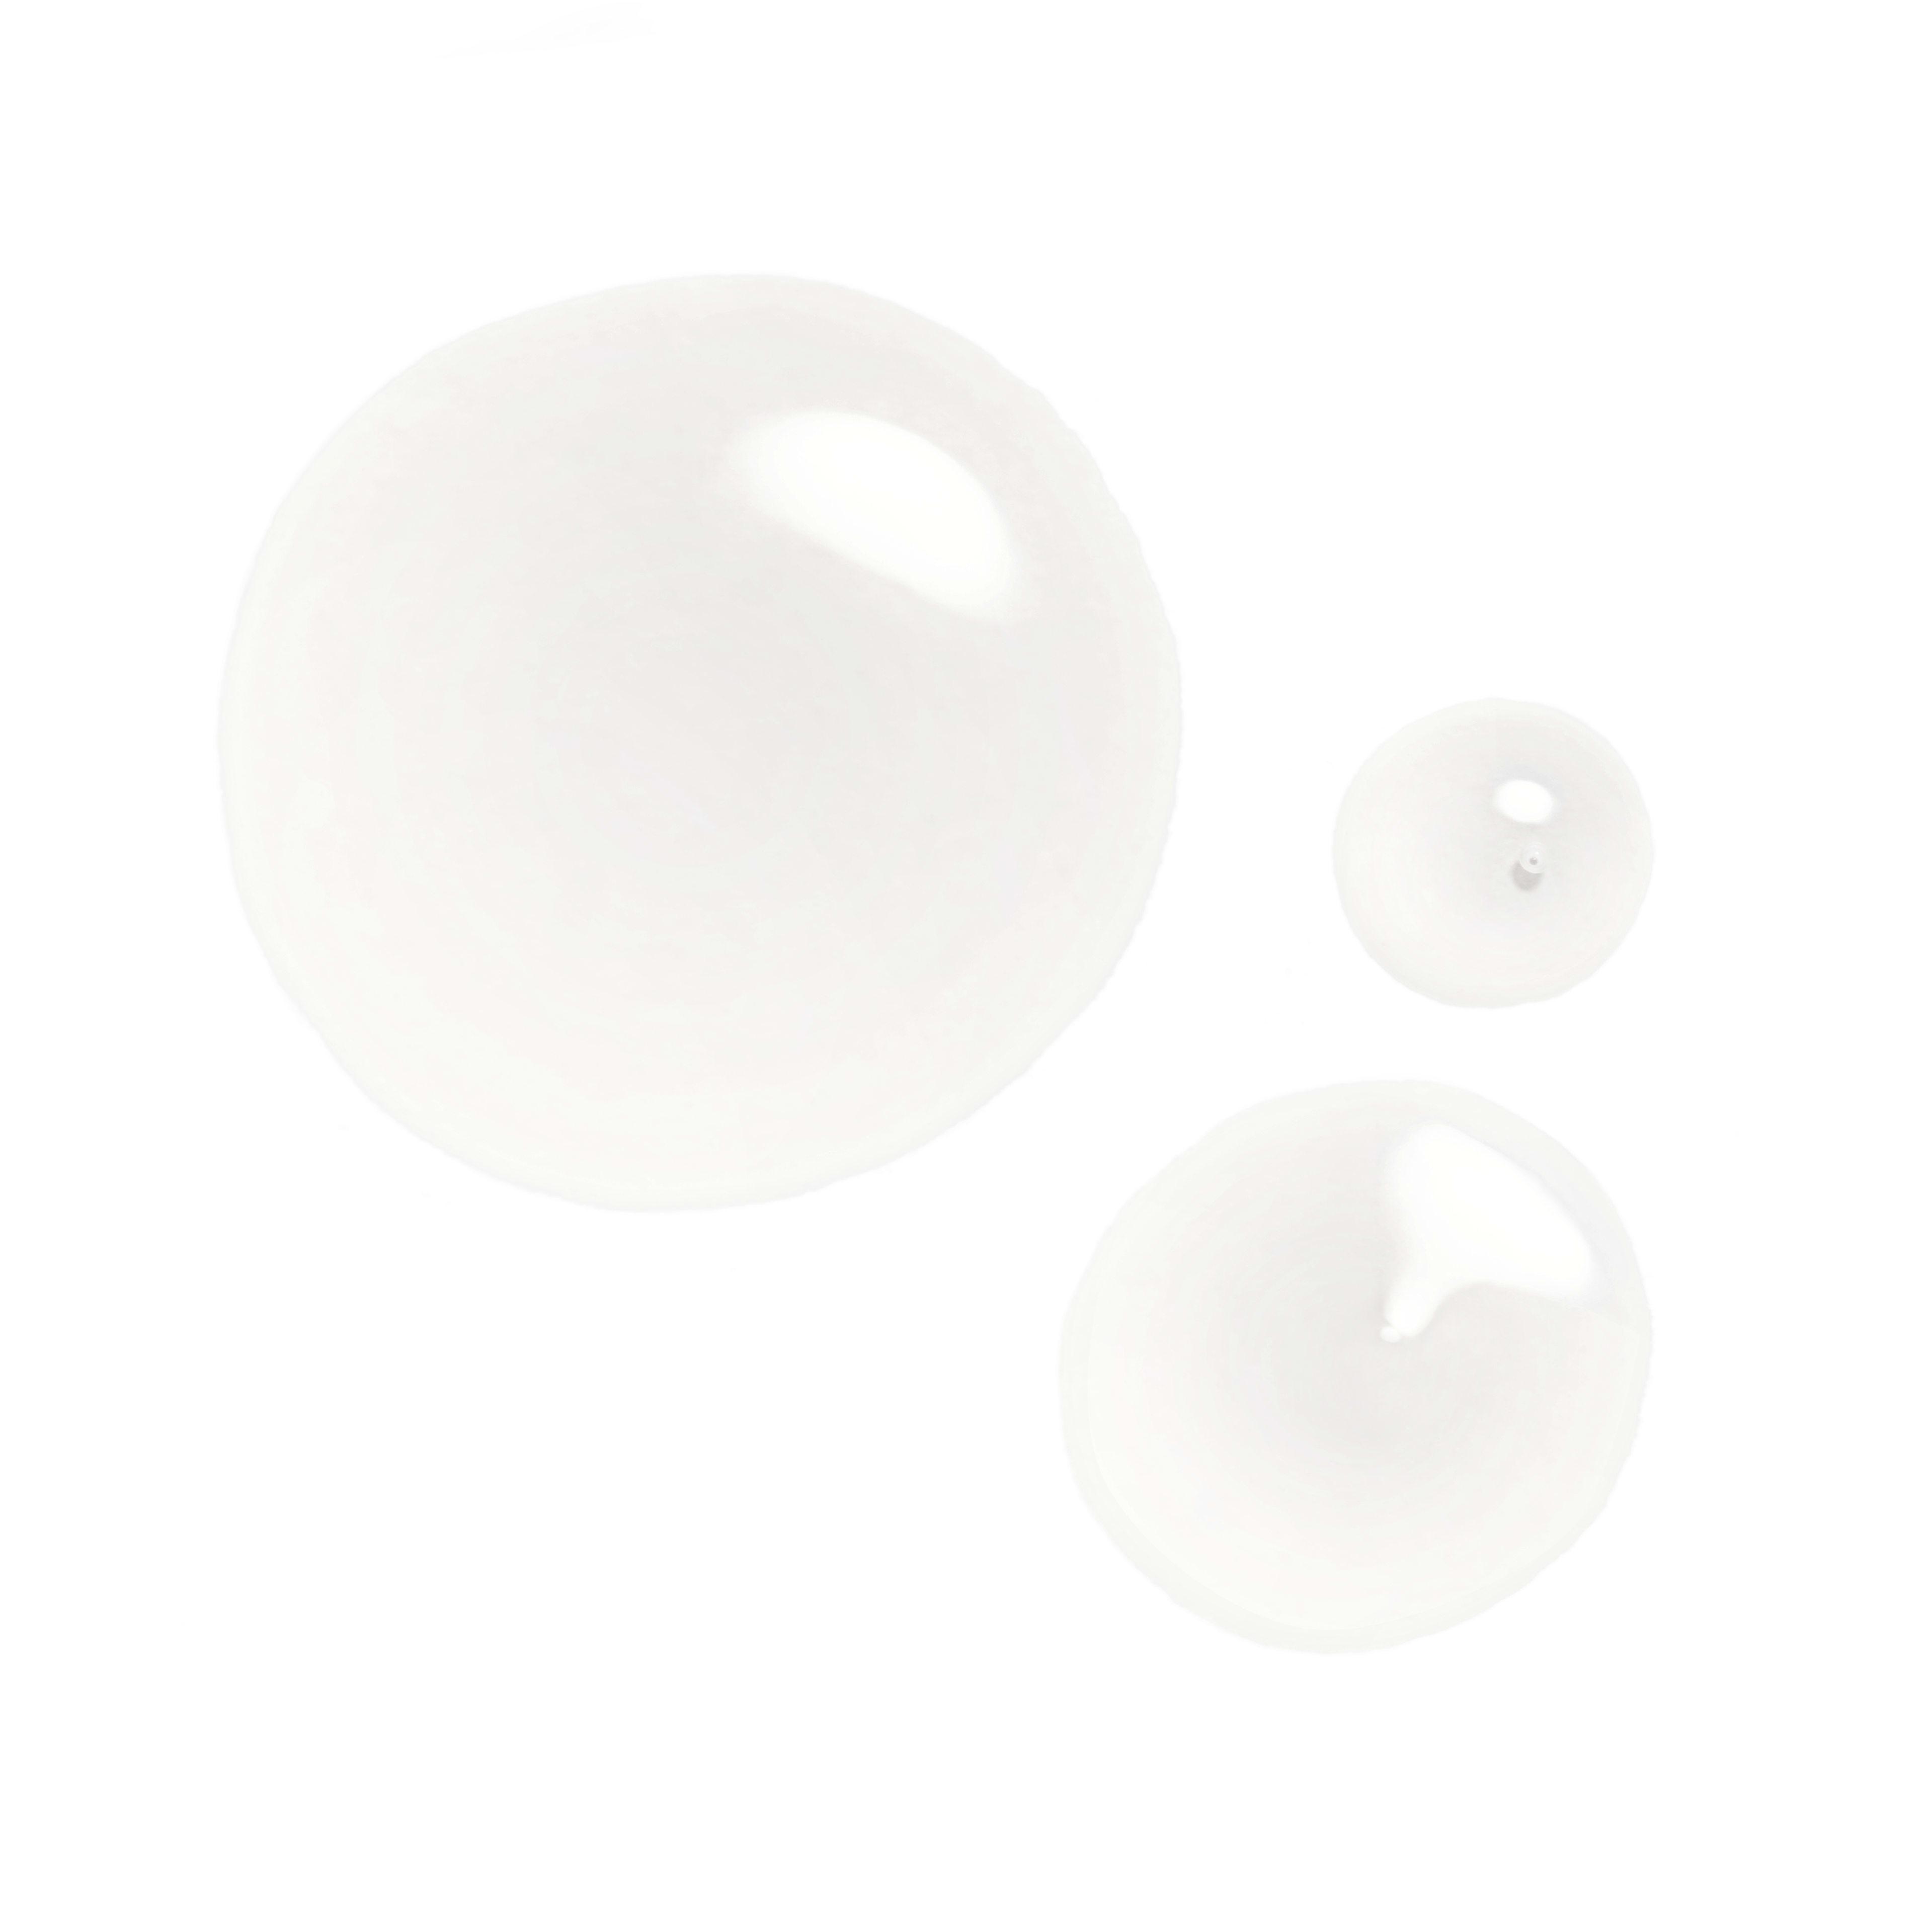 L'HUILE ORIENT - skincare - 8.5FL. OZ. - Basic texture view